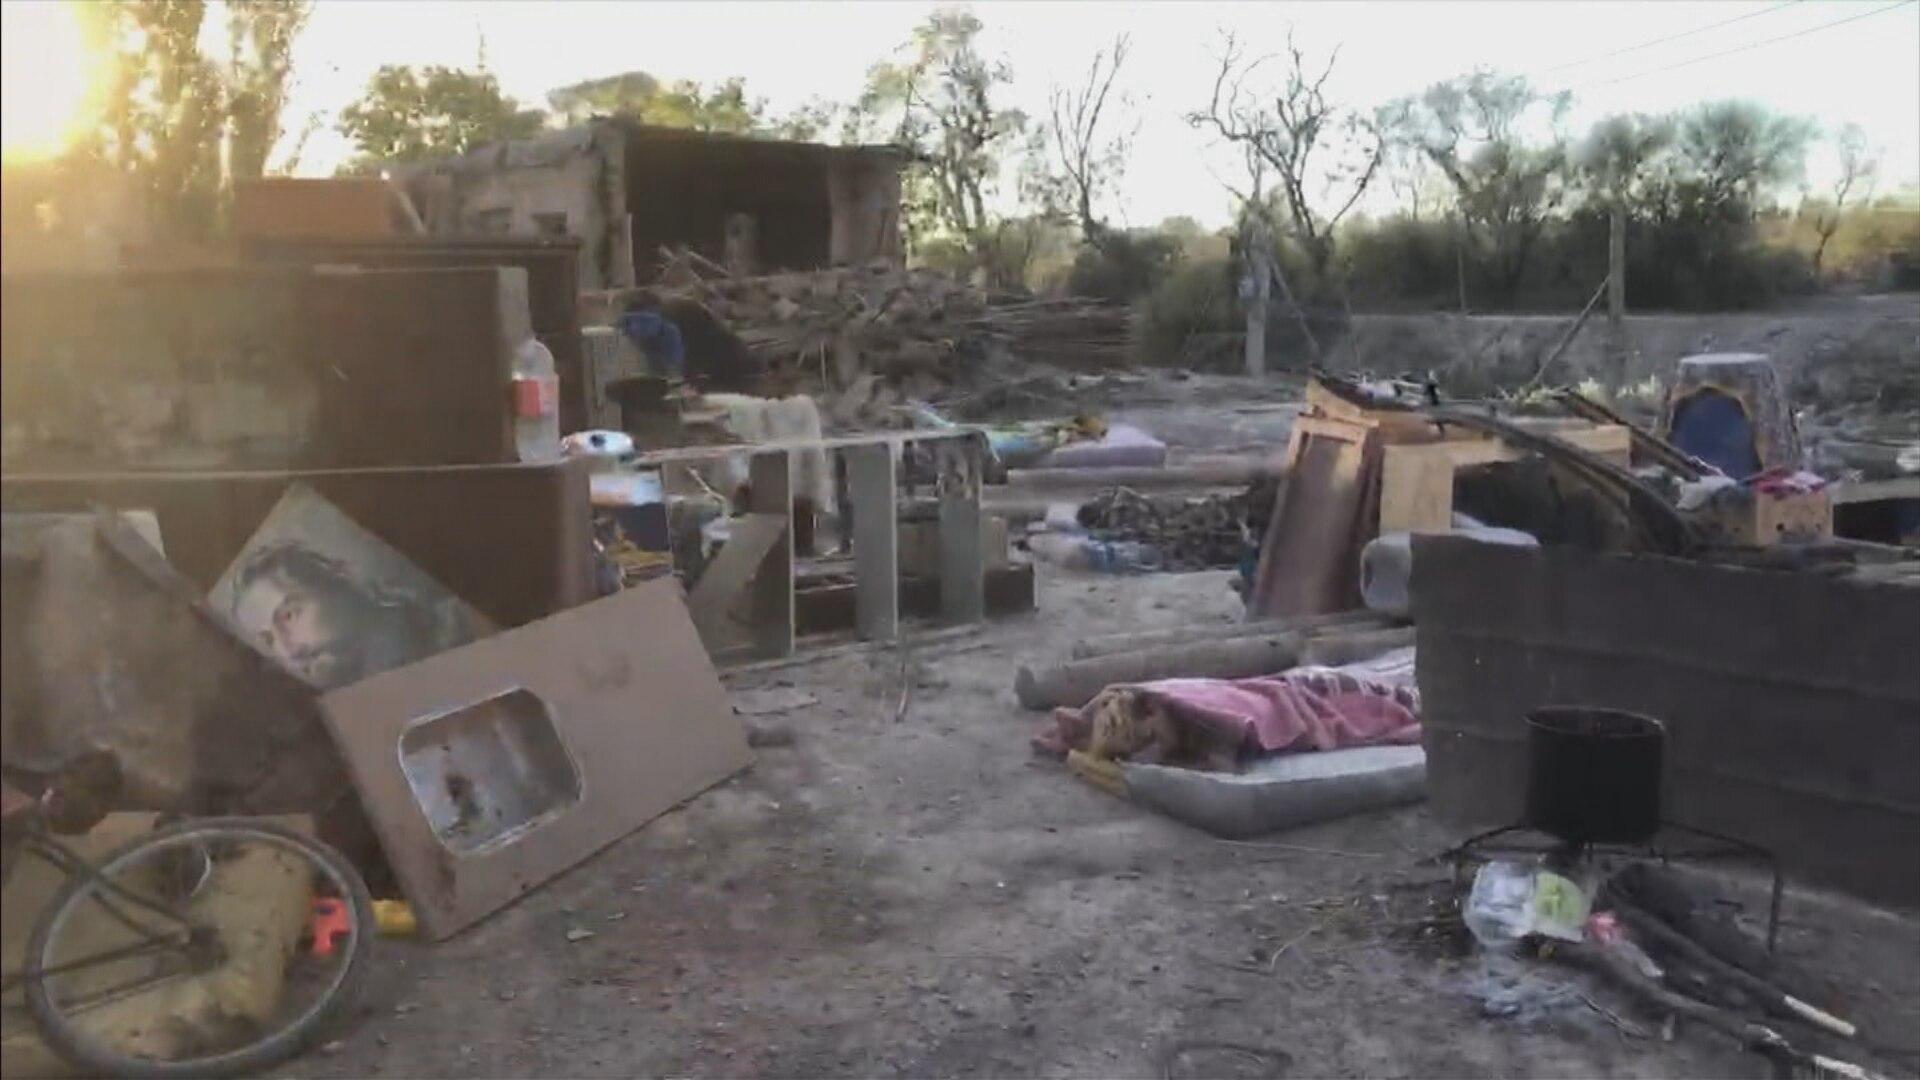 San Juan, tras el terremoto: muchas familias durmieron a la intemperie y crece el temor por robos